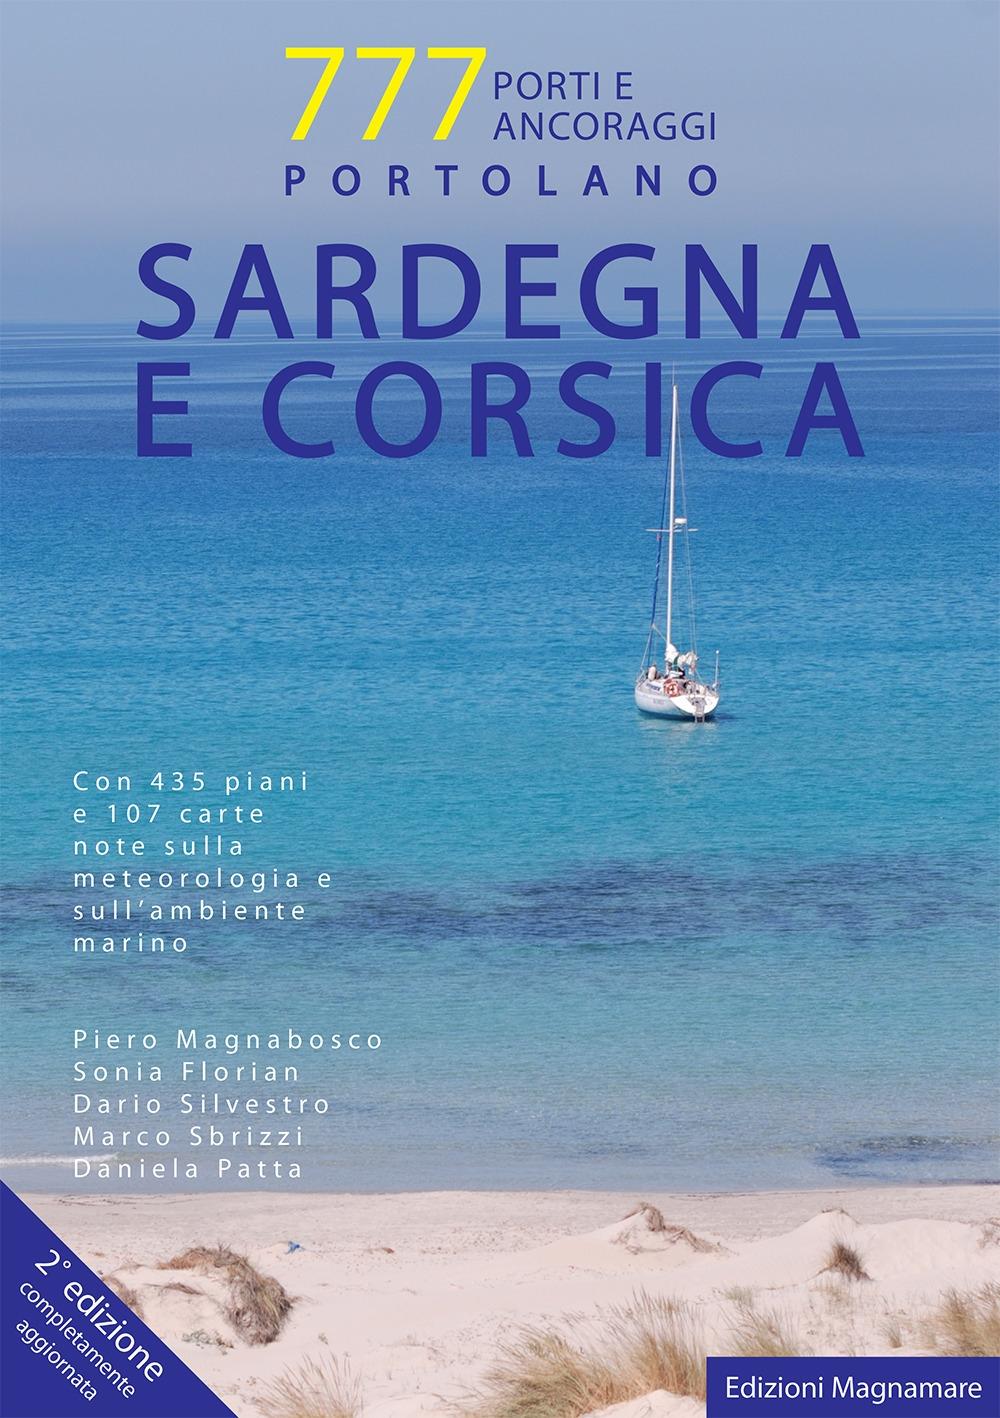 777 Porti e Ancoraggi. Sardegna e Corsica 2016/2017